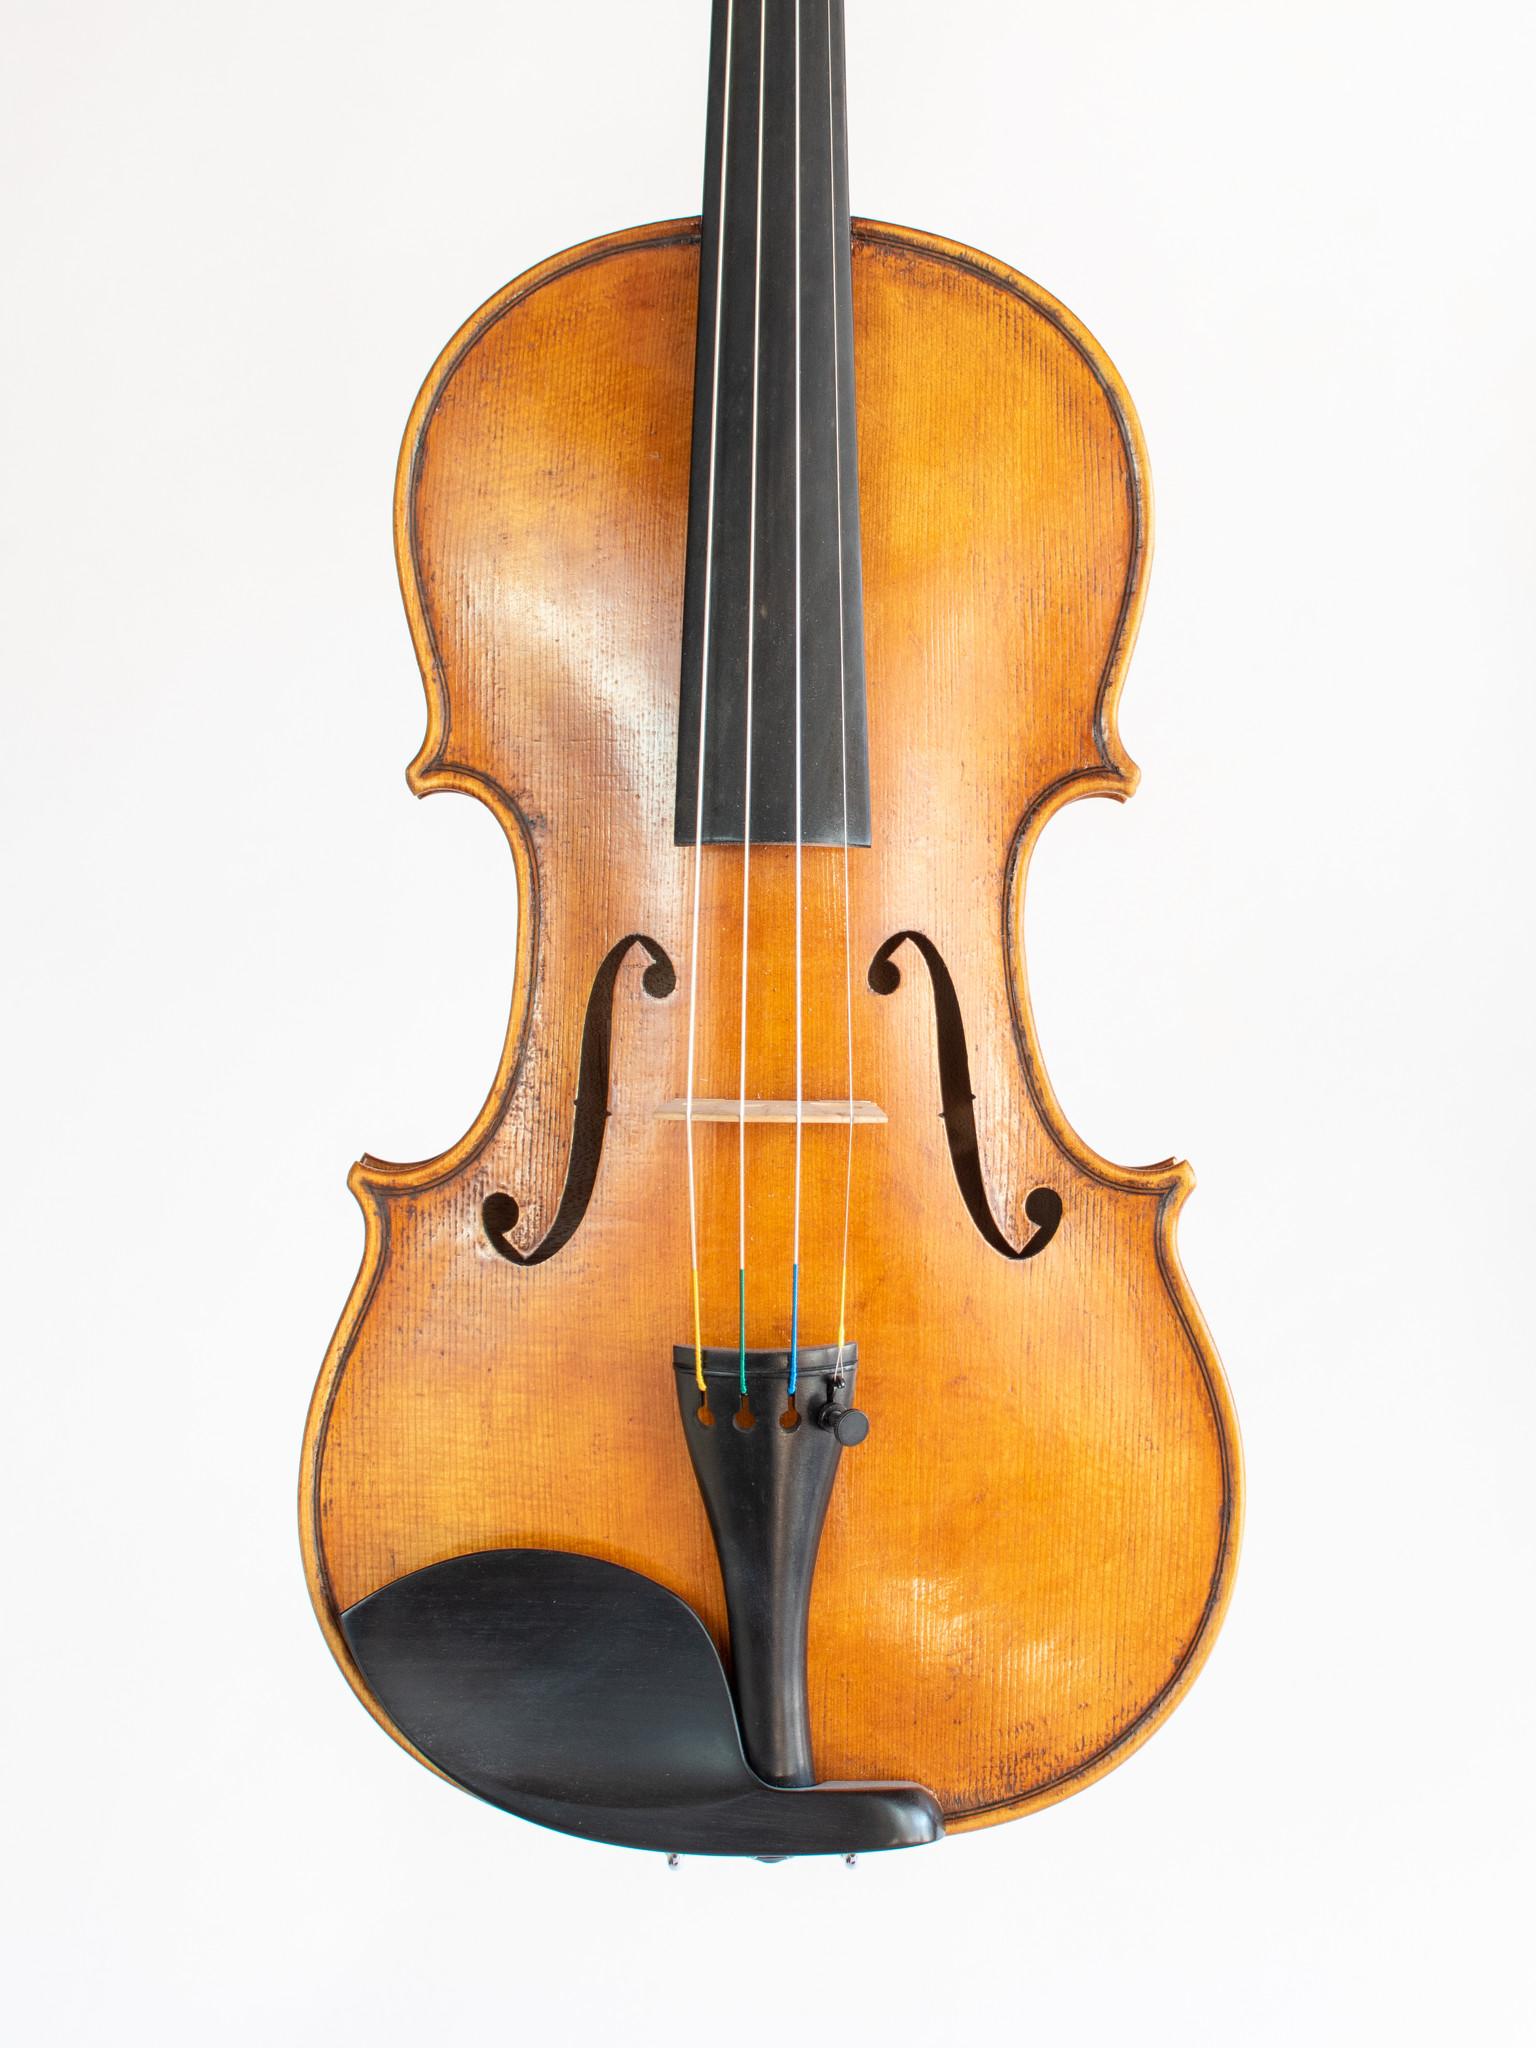 MIRACOLO Studio 4/4 violin, Los Angeles 2019